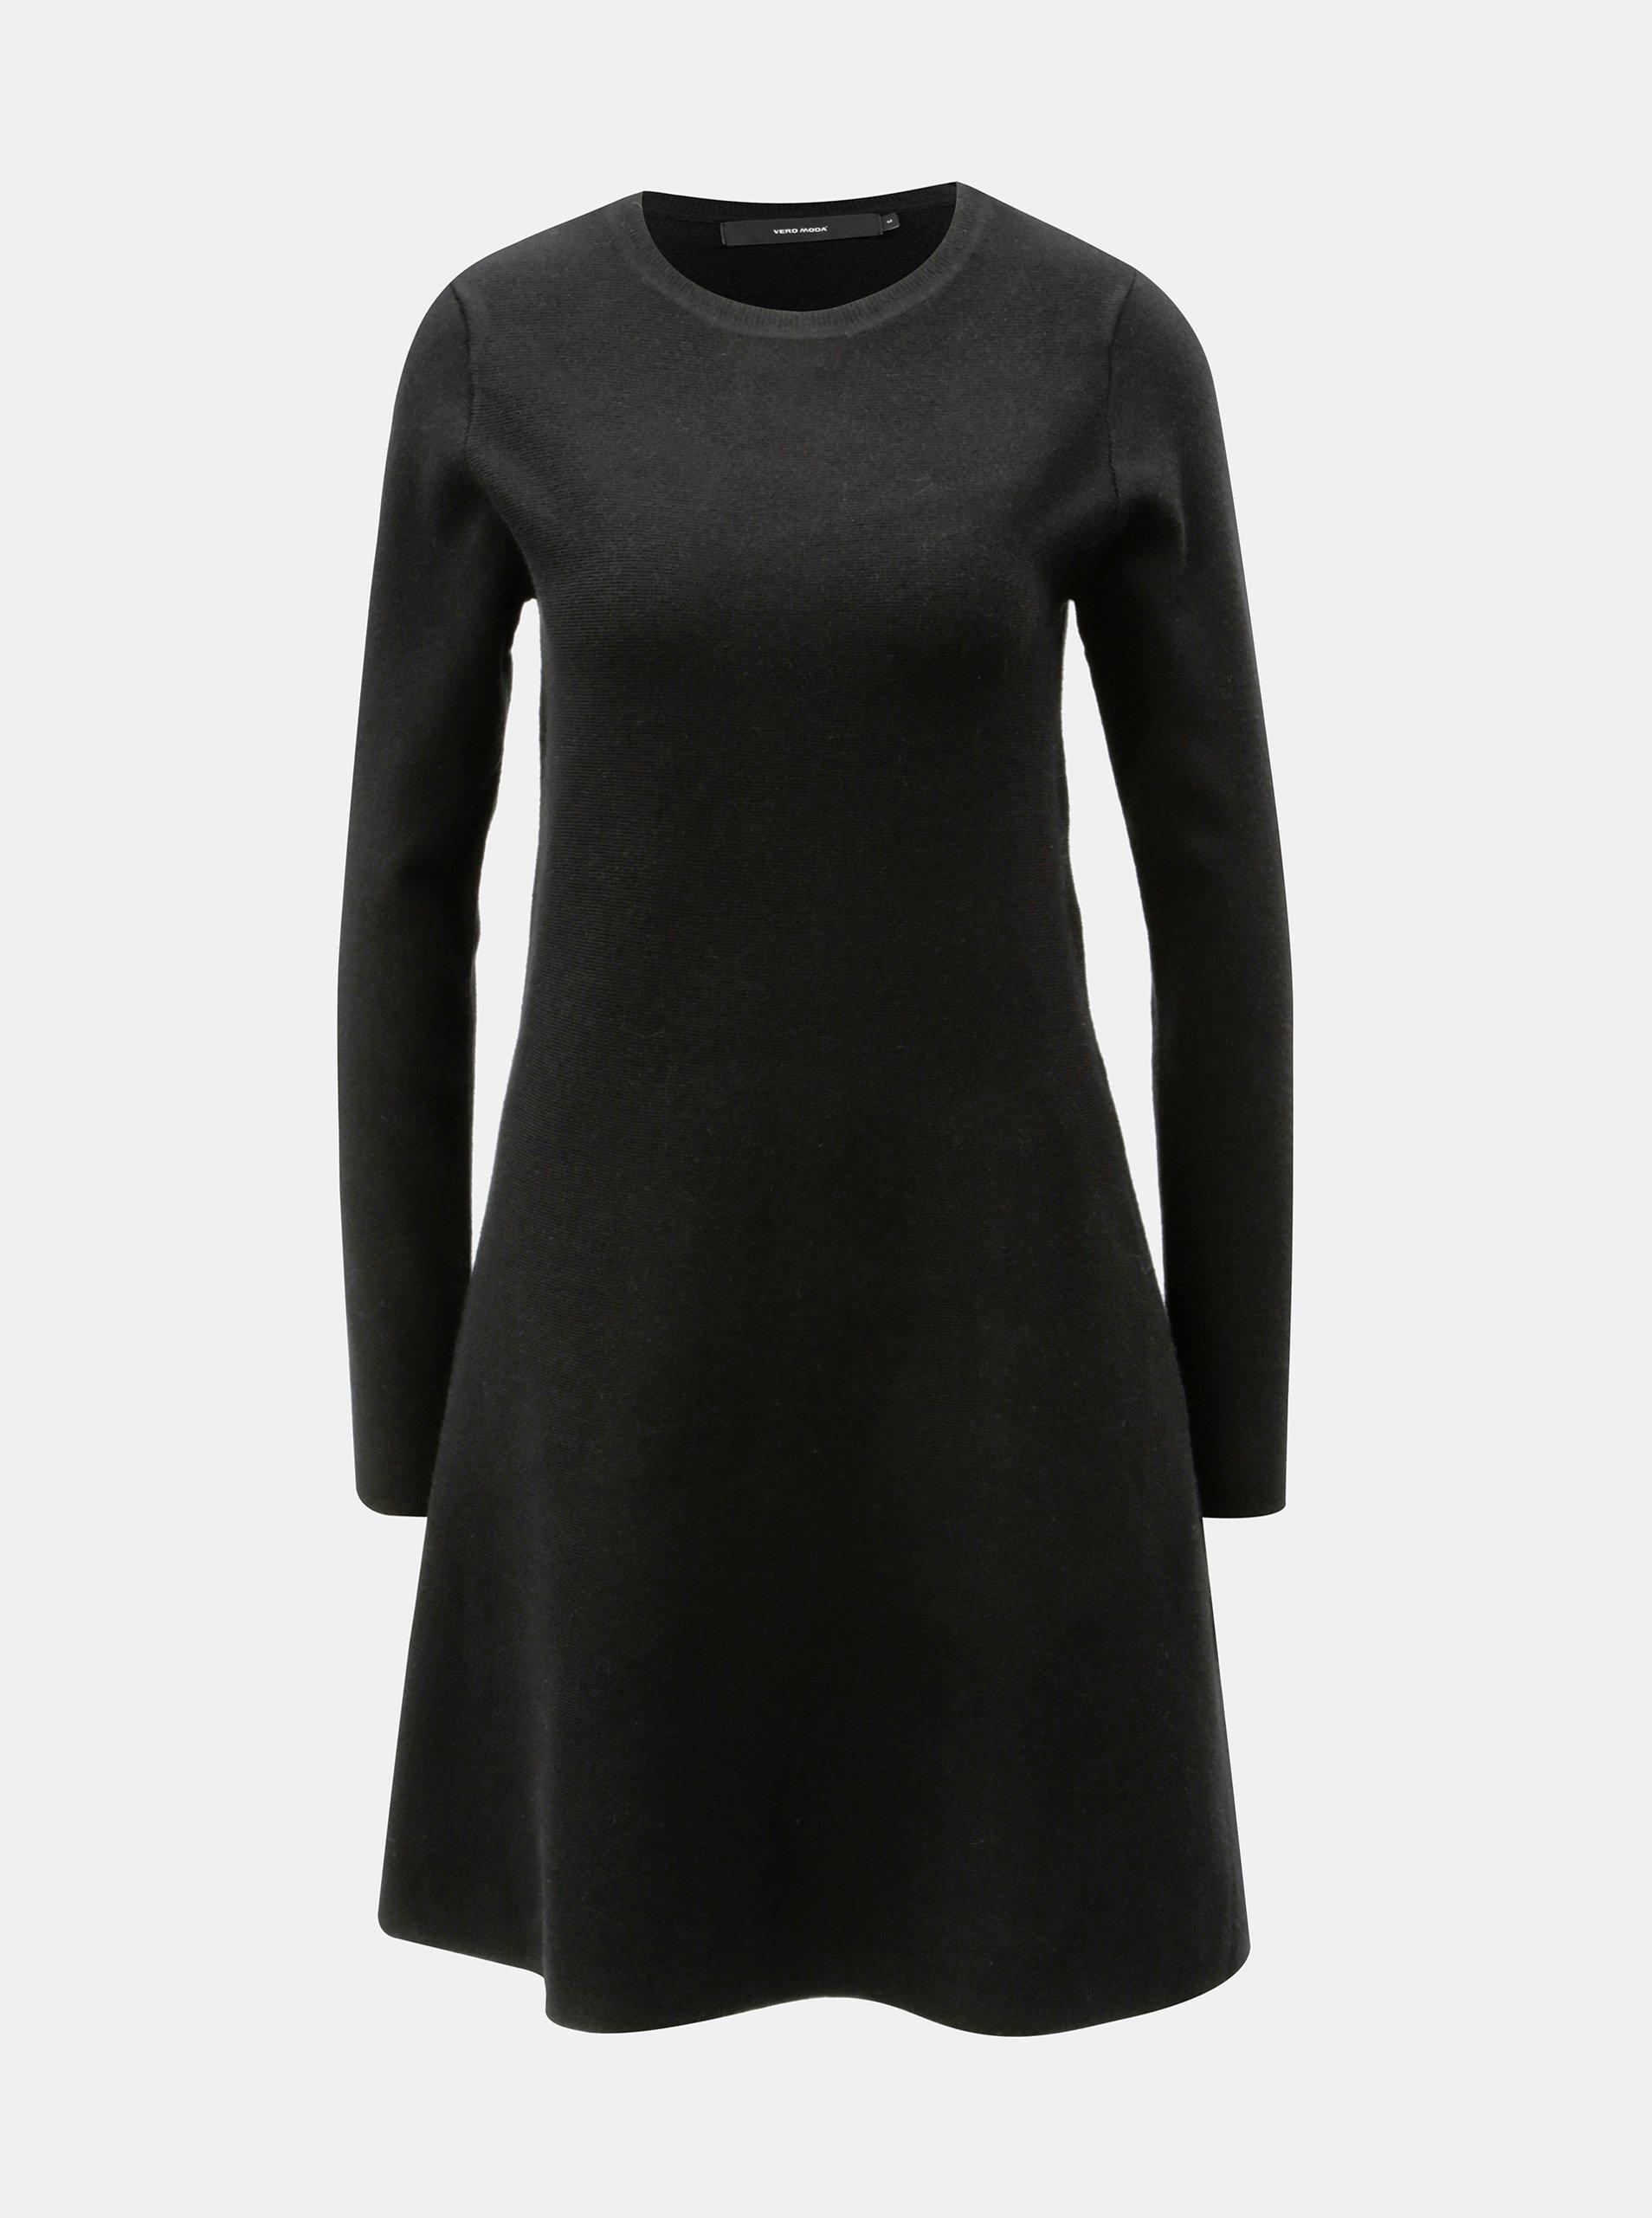 Černé svetrové šaty s dlouhým rukávem VERO MODA Nancy